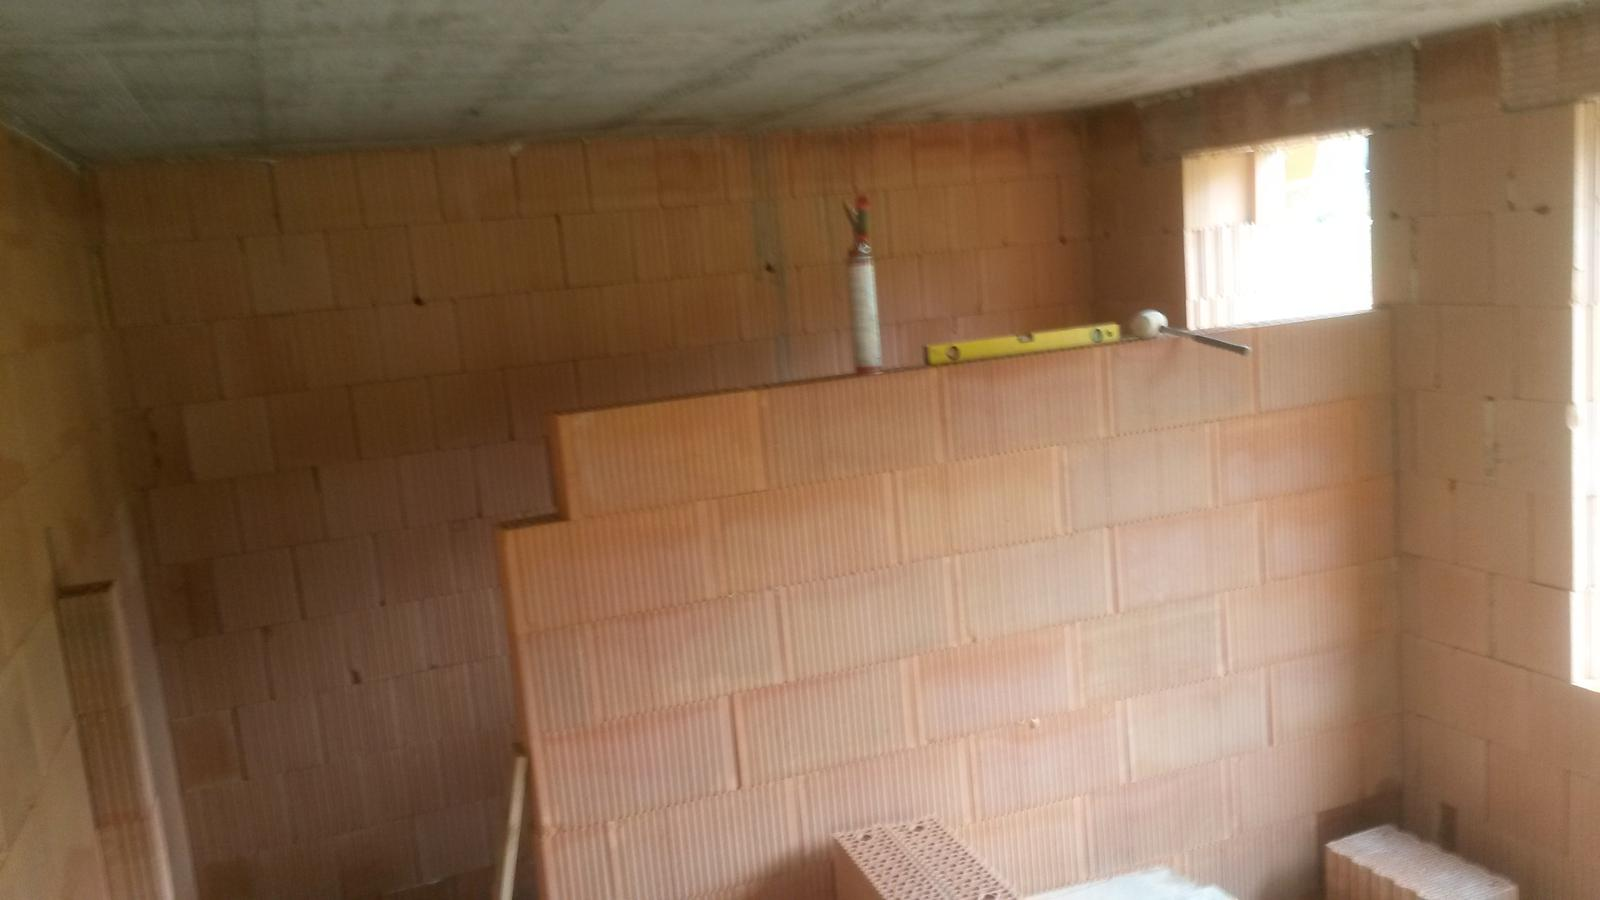 Dom - stena medzi spajzou a kuchynou.